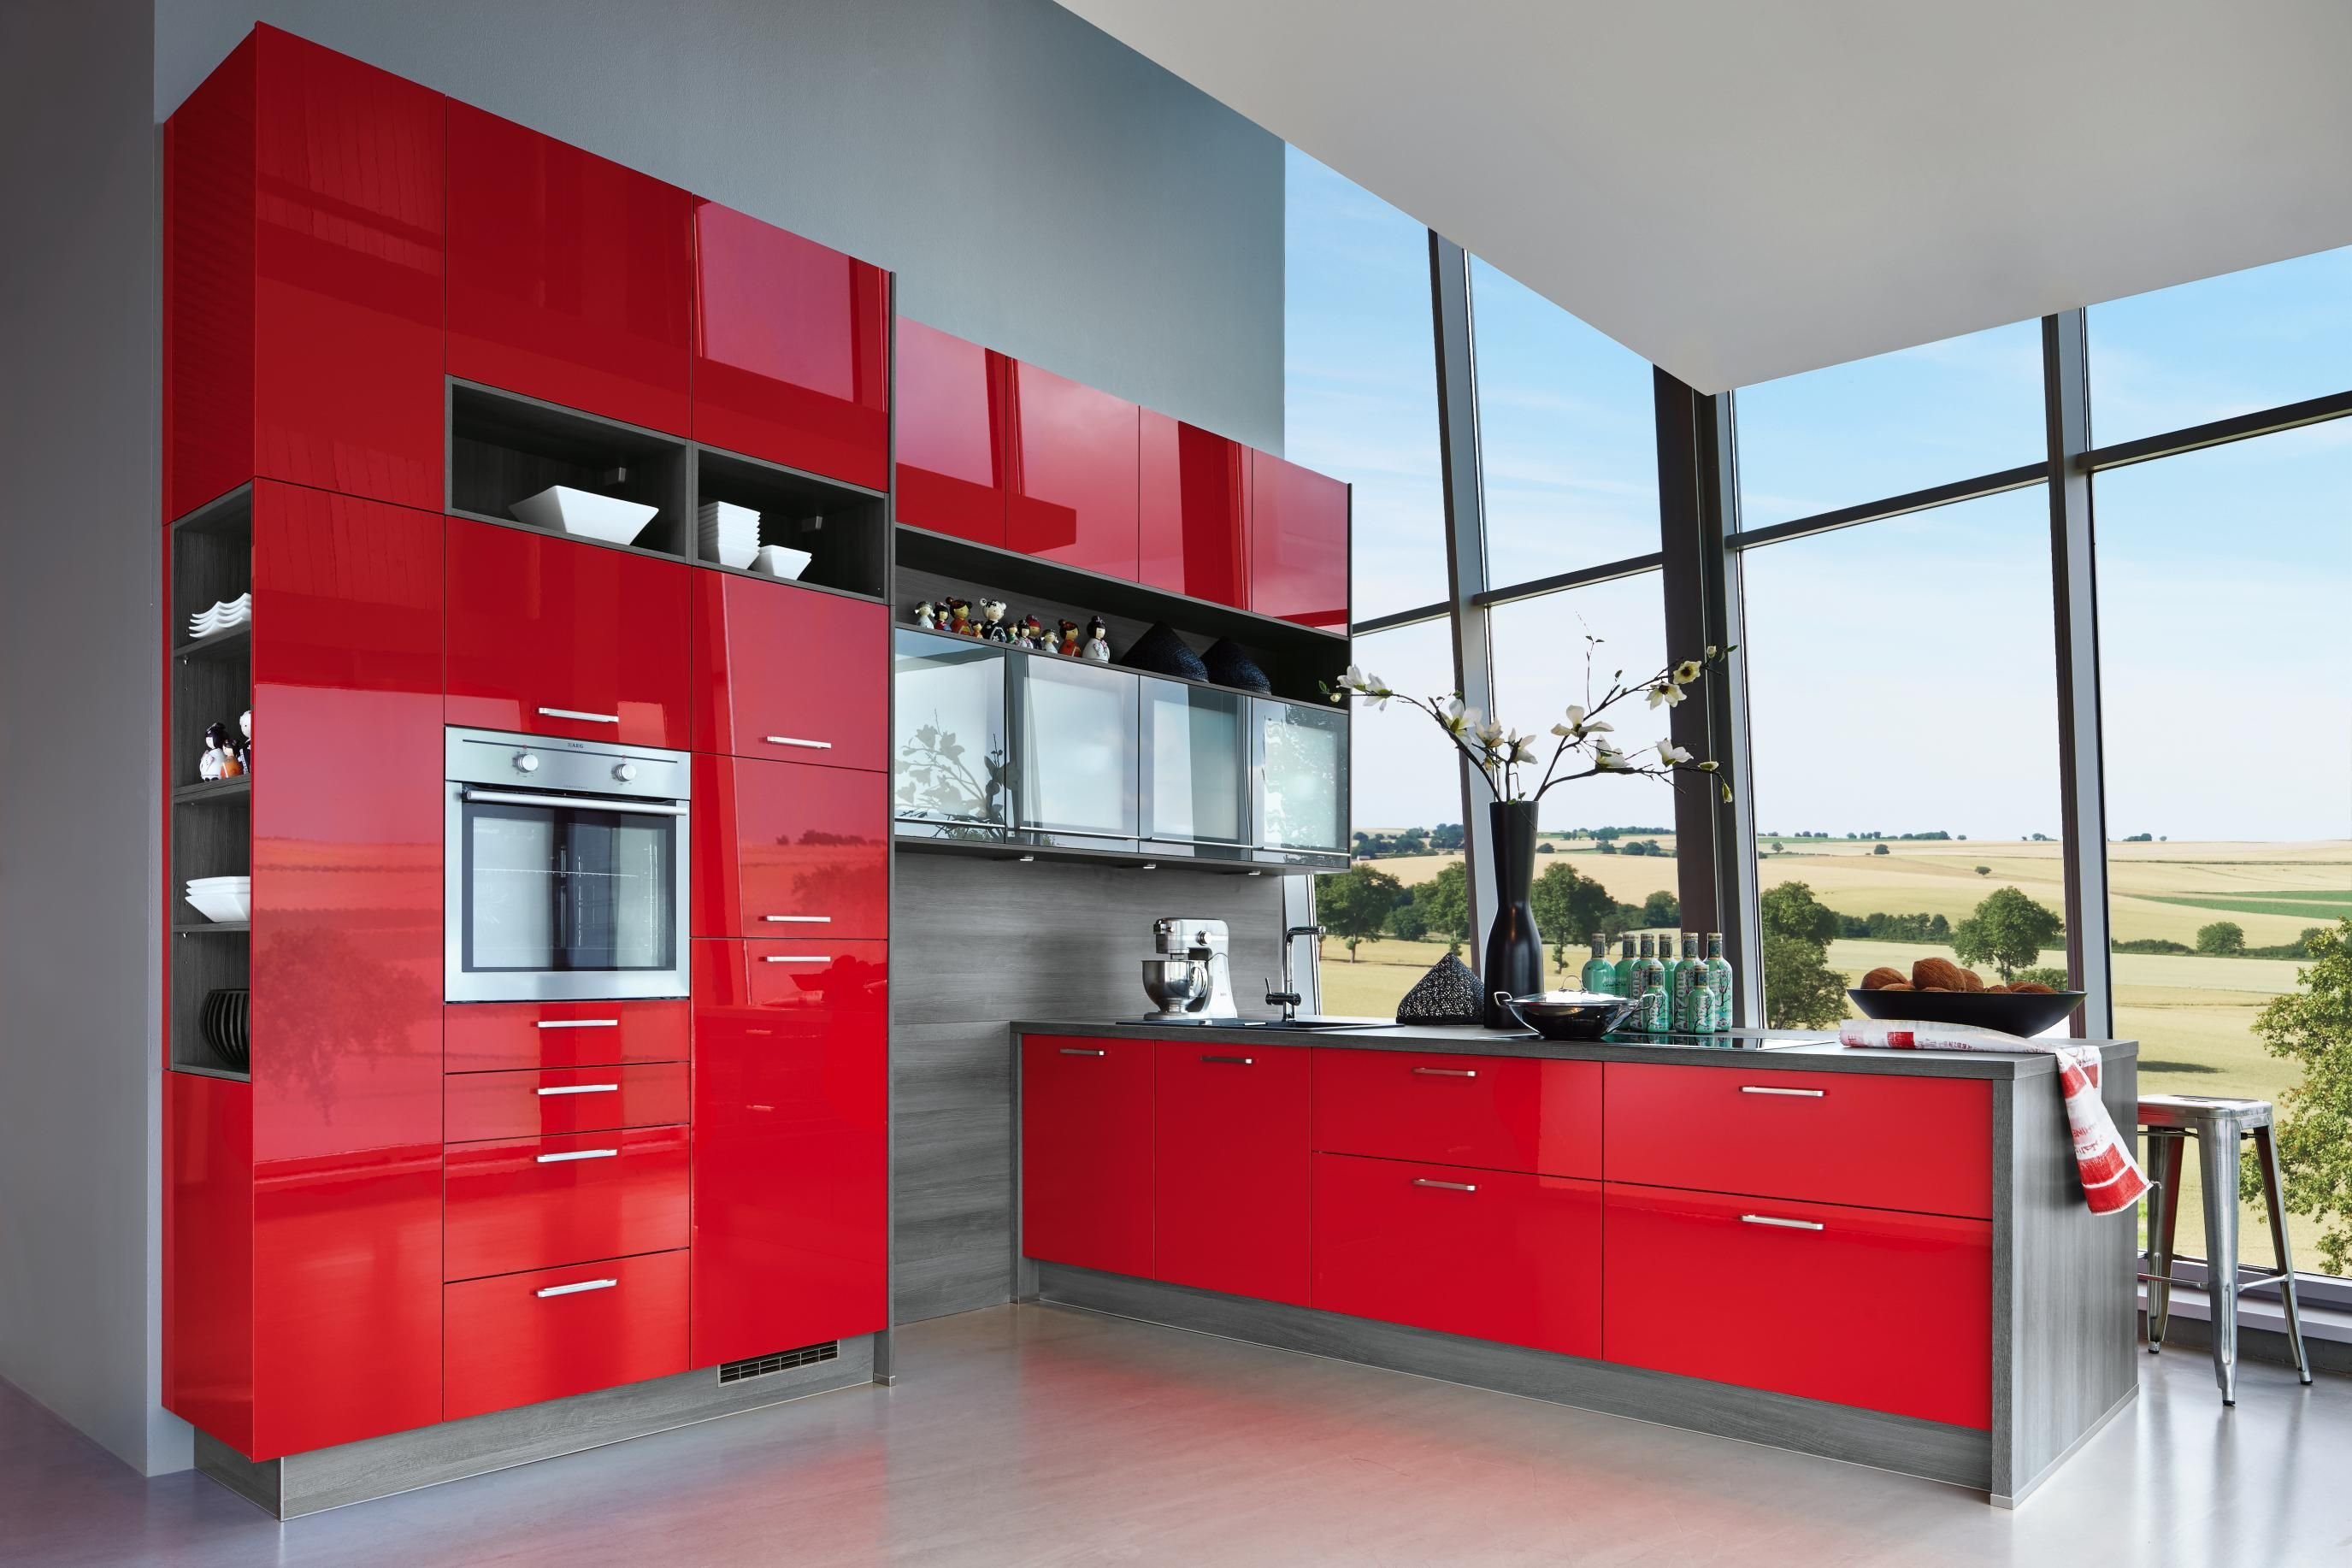 Top Moderne E Geräte Und Eine Offene Gestaltung Zum Wohnraum Lassen  Küchenträume Wahr Werden. Mehr Ideen Auf Flamme.de